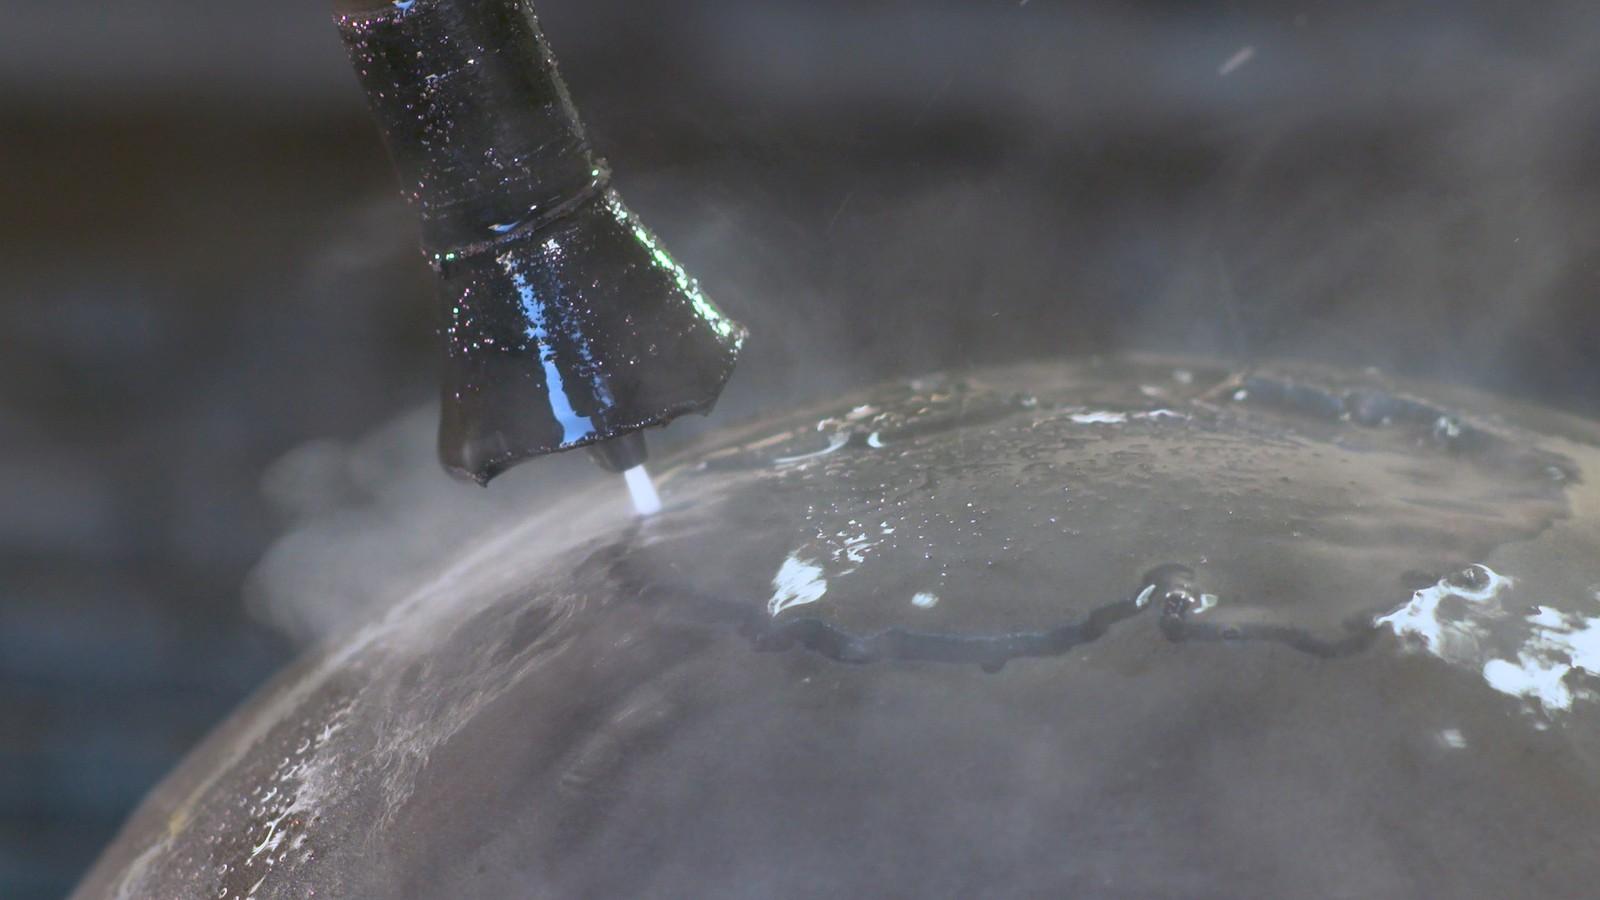 Mit 3D-Schnitten in Wasserstrahl hat sich MST Zeeland in kurzer Zeit eine starke Marktposition erarbeitet.